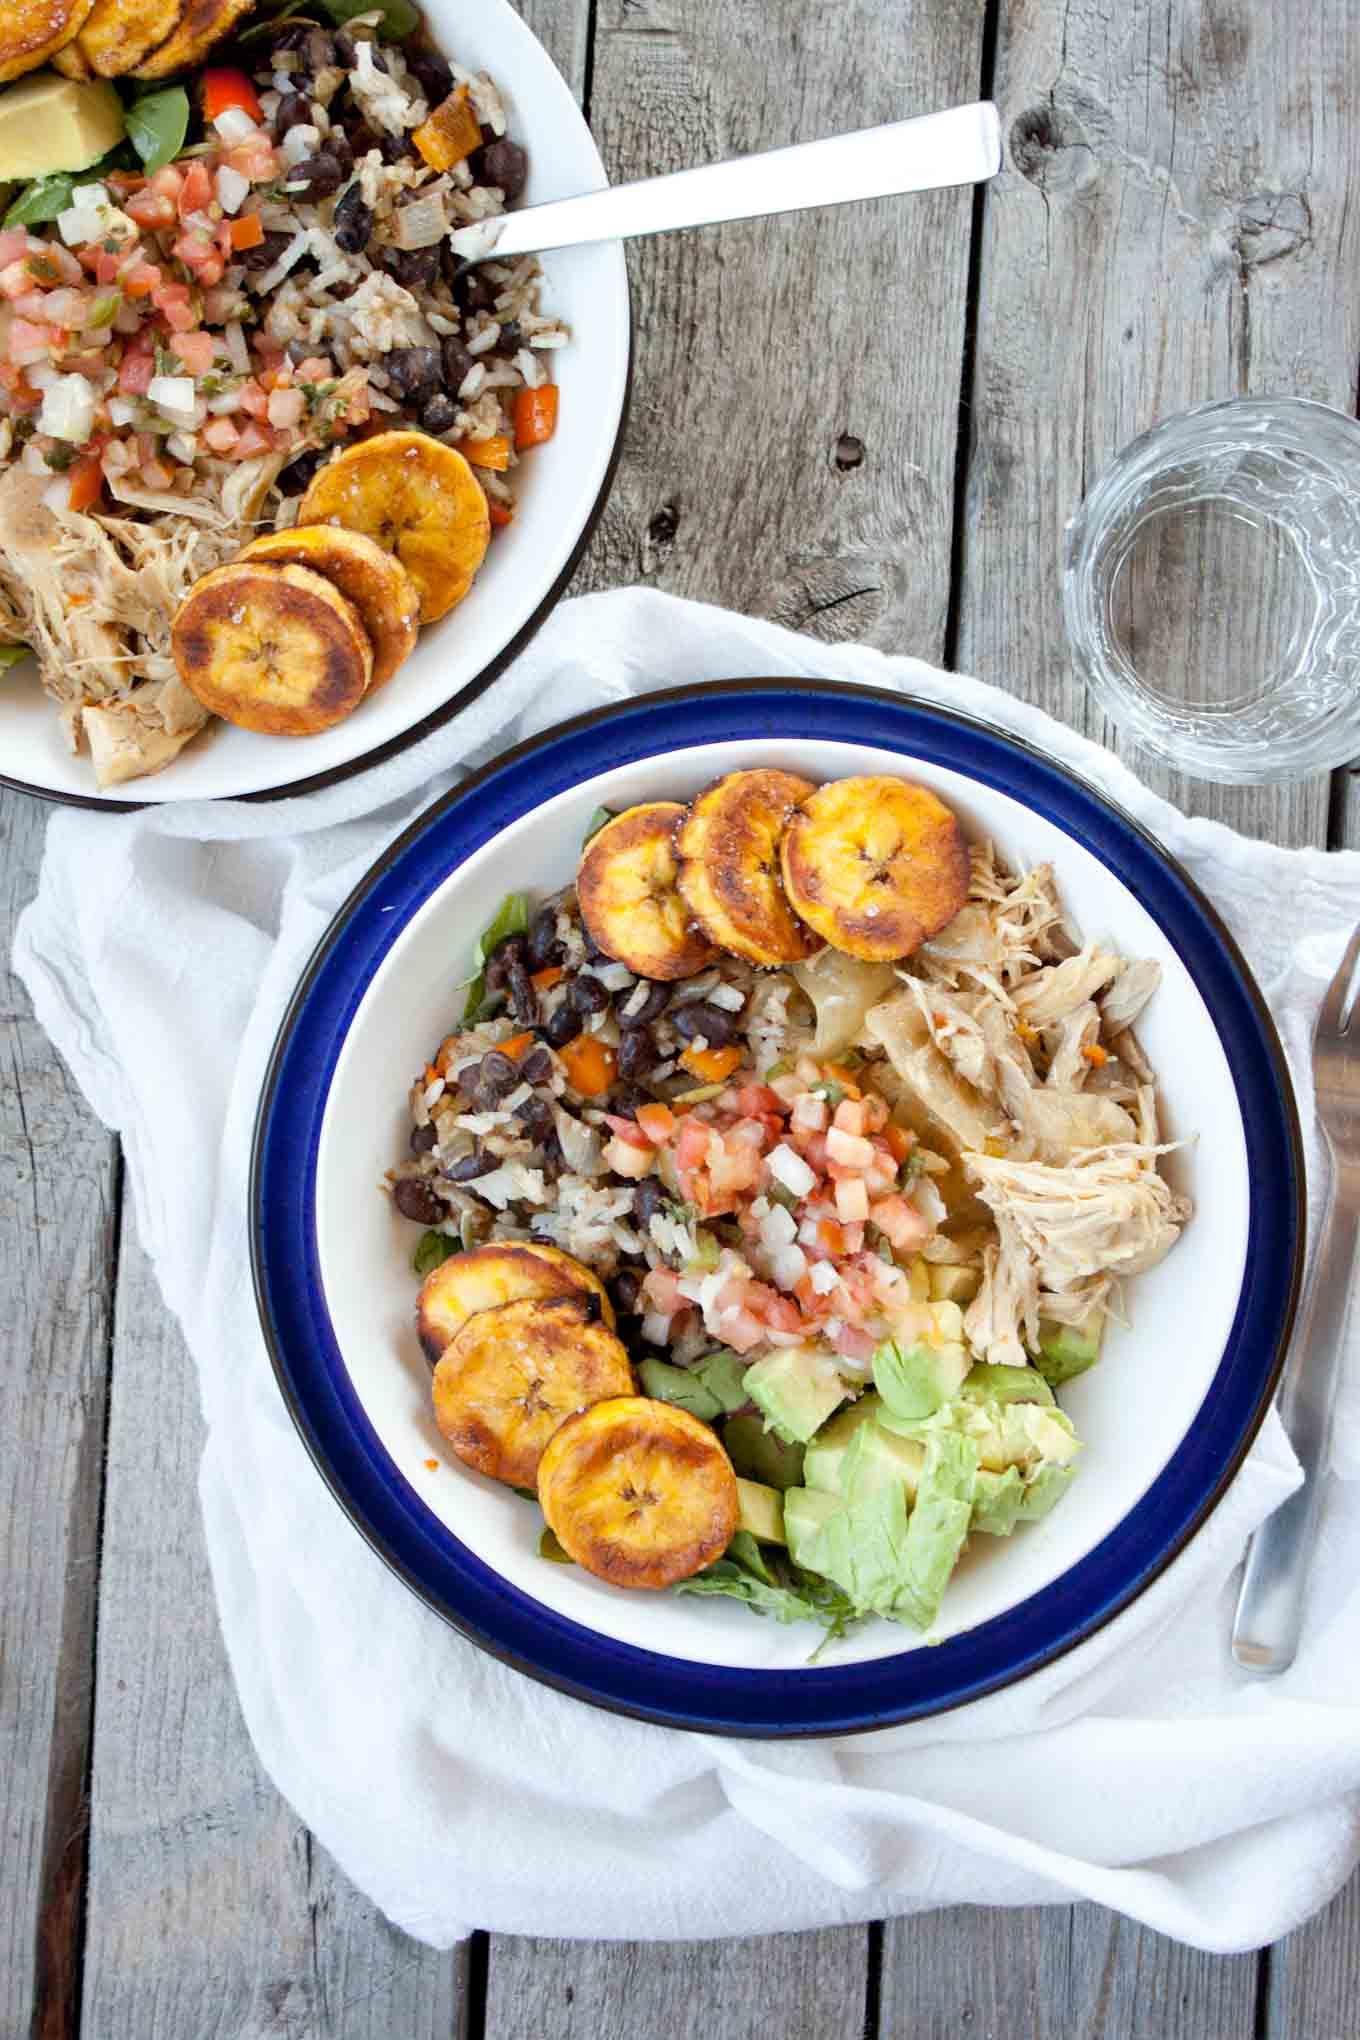 cuban-salad-bowls-2